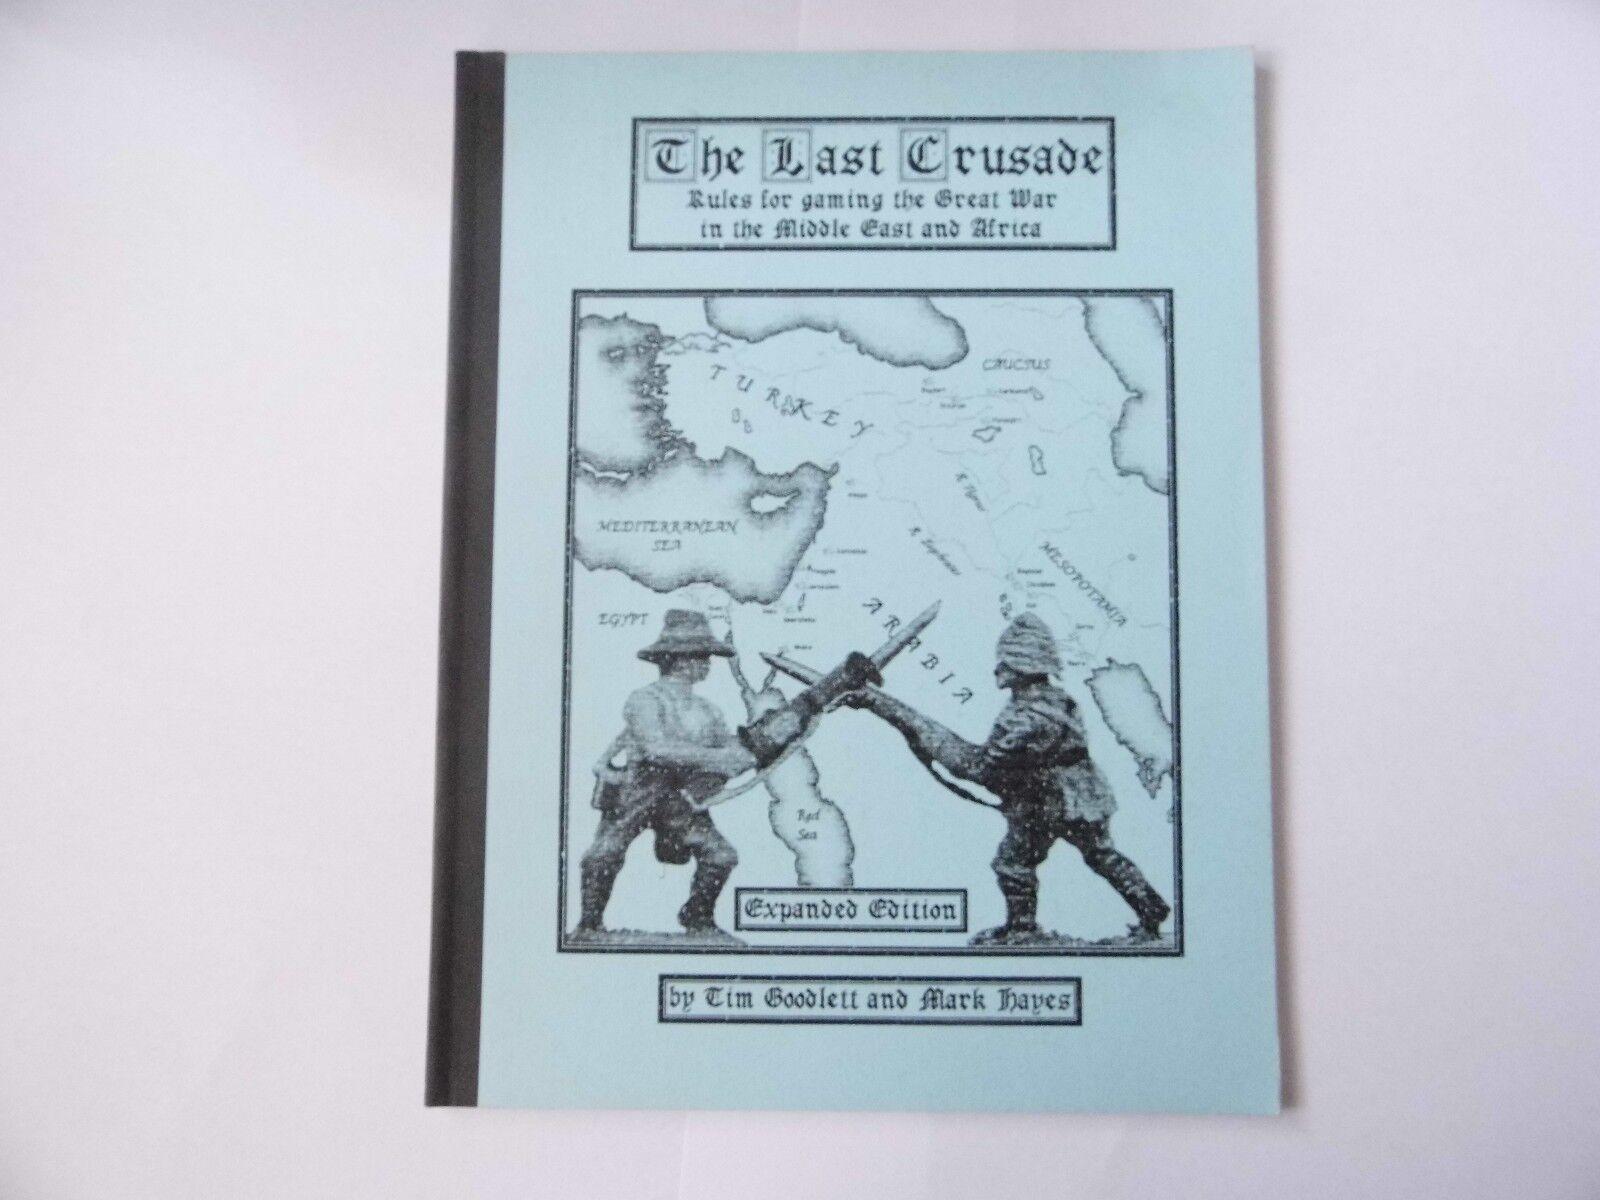 The Last Crusade - édition augmentée - Wargames Rules - NOUVEAU